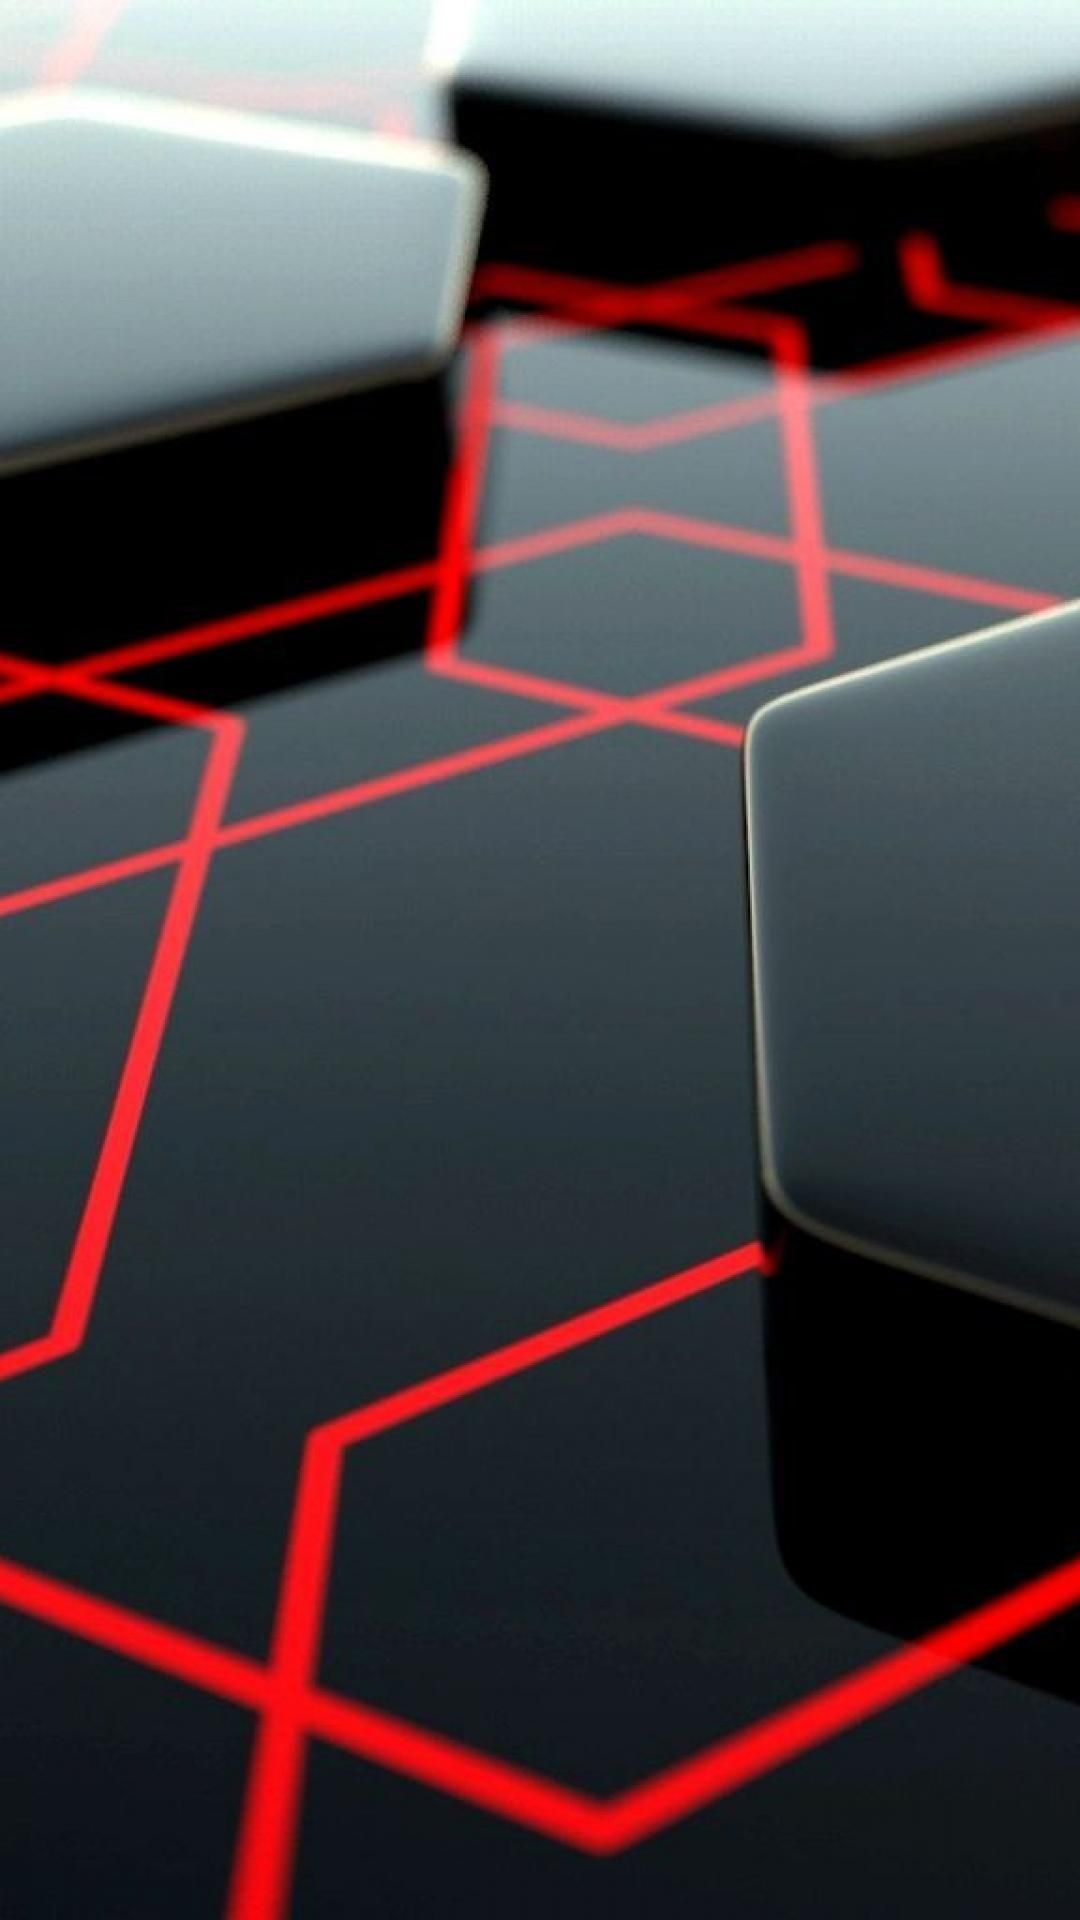 Máy tính bảng, Hình ảnh HD 1080x1920